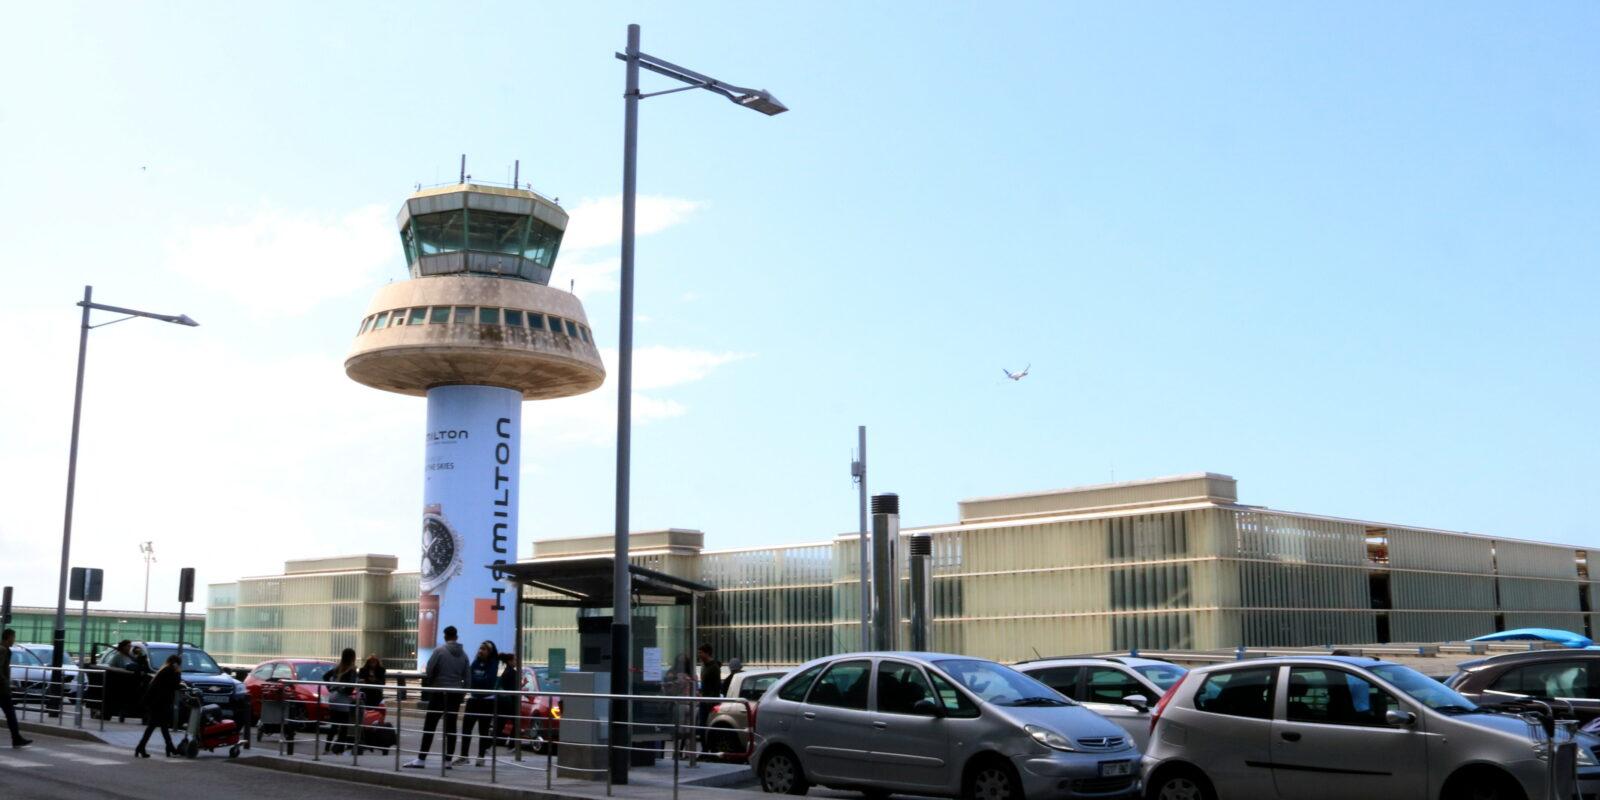 L'entrada de la Terminal T1 de l'aeroport de Barcelona-El Prat, amb l'antiga torre de control al fons i un avió que sobrevola la zona / ACN